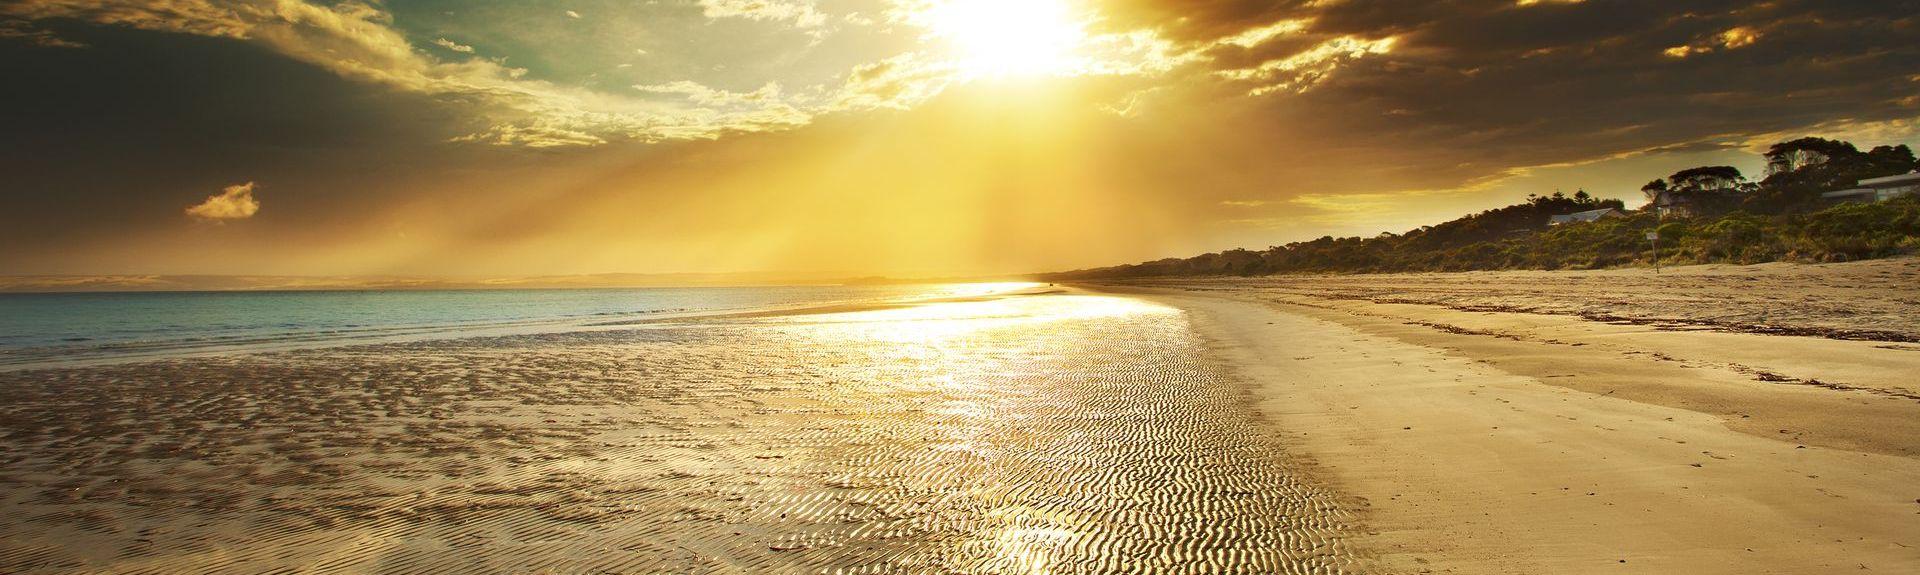 Island Beach SA, Australia